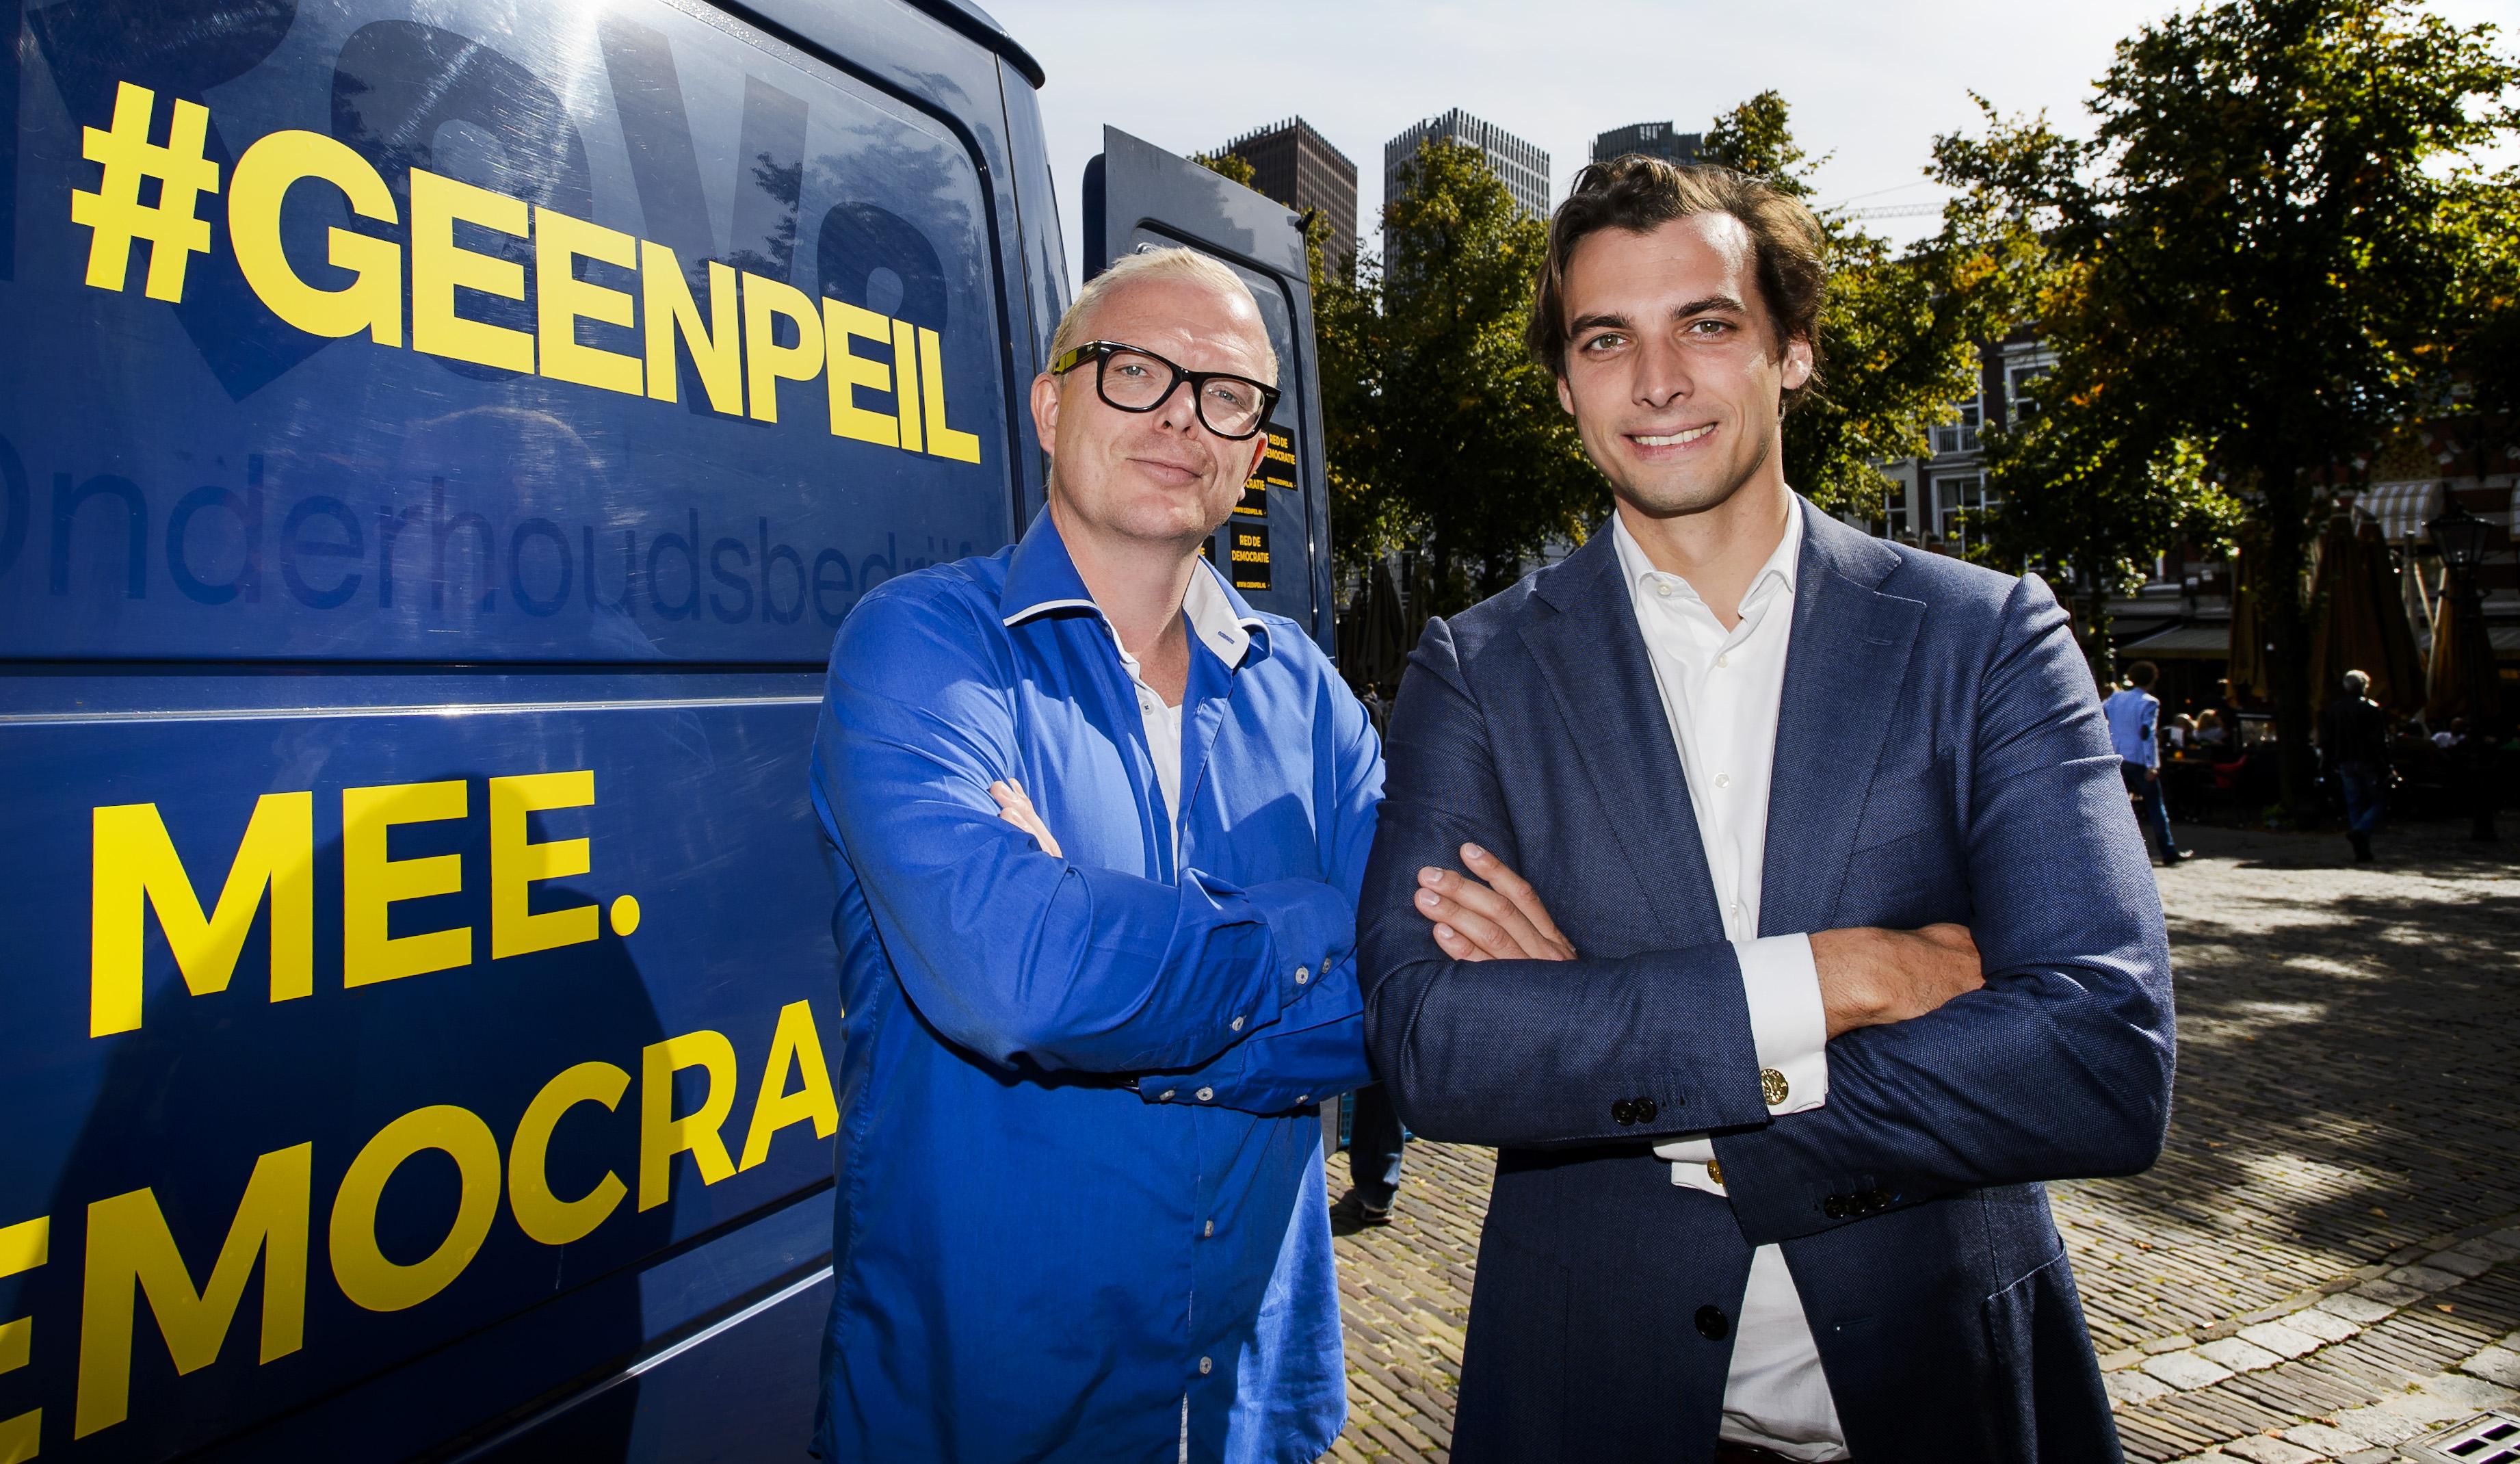 Baudet begint politieke partij: 'Knokken om 1 zetel'